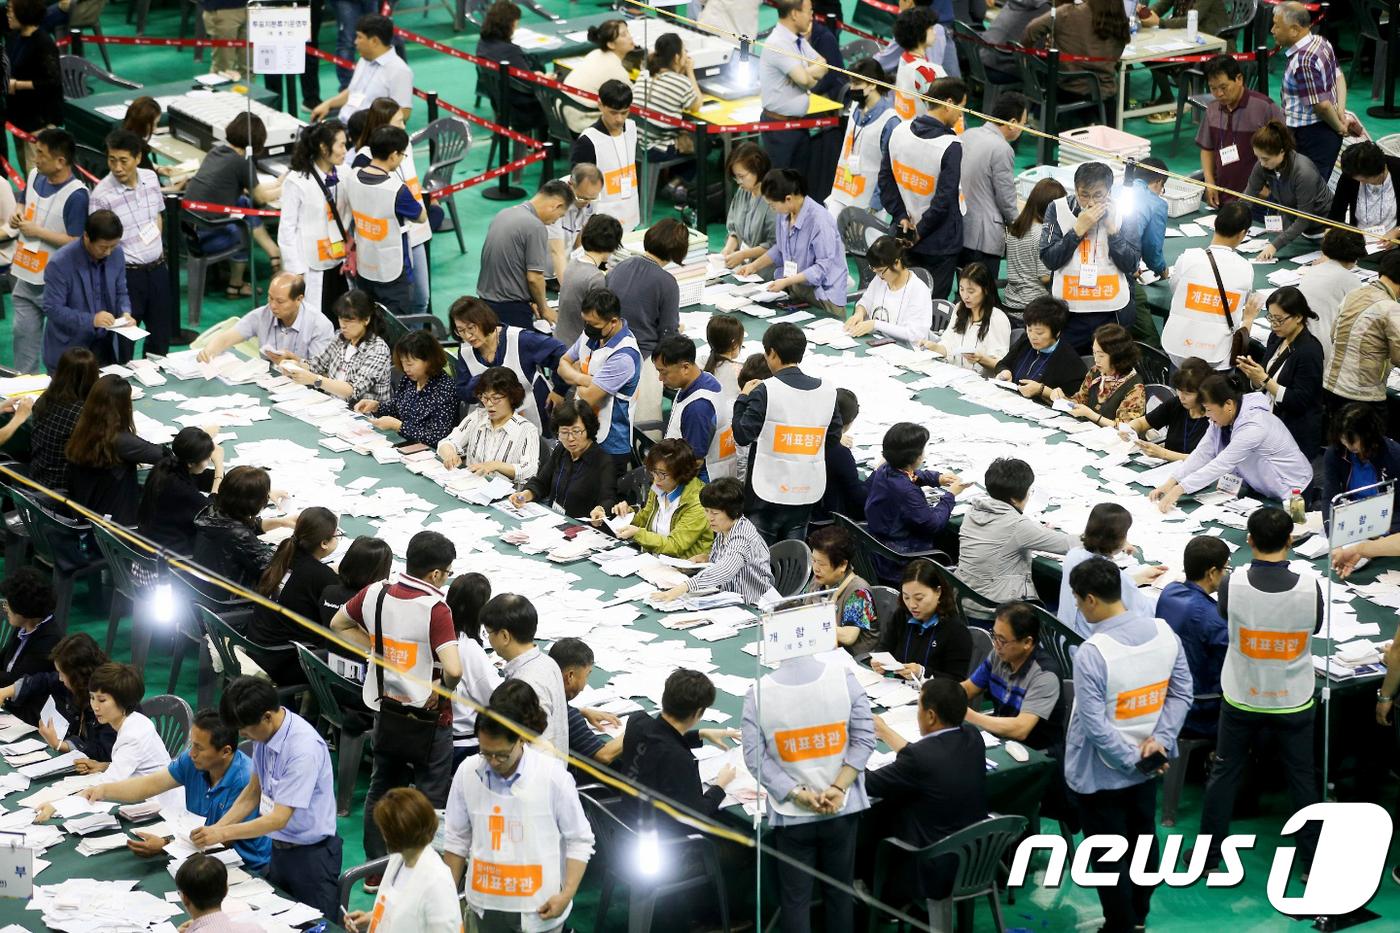 민주 13곳, 한국 3곳, 무소속 1곳 '1위'…與 '역대급 압승'